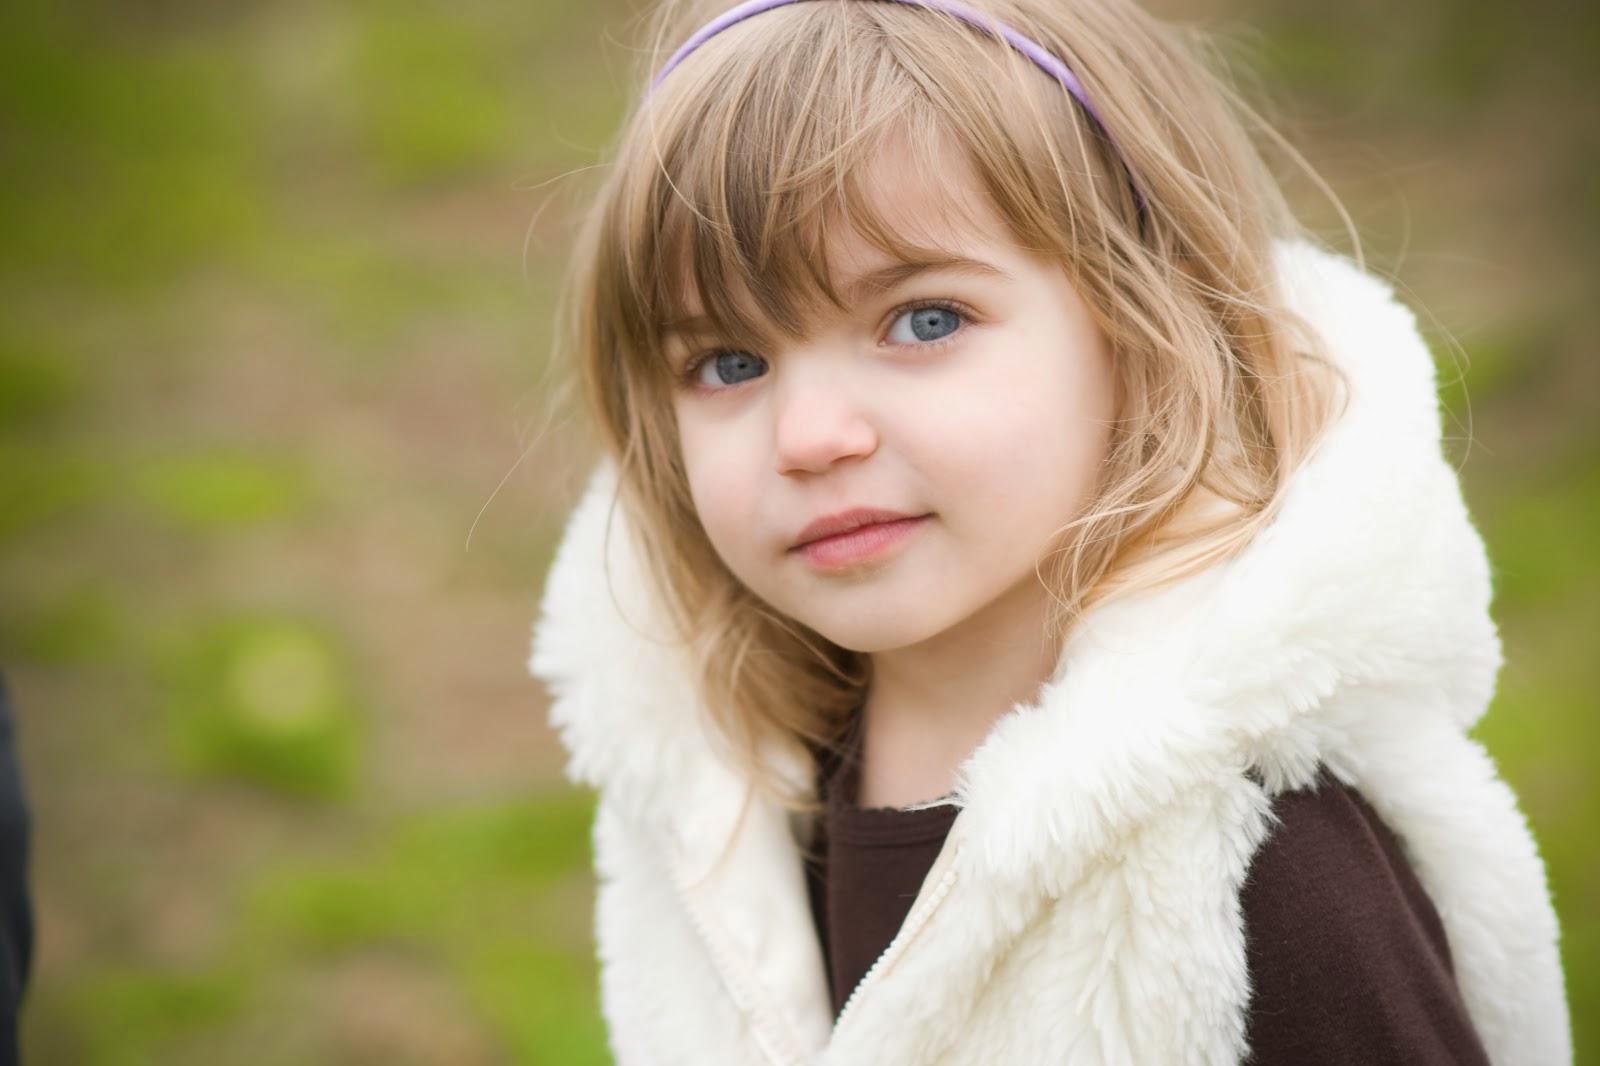 بالصور كلام عن الاطفال , كلمات معبره عن الطفوله 3468 4